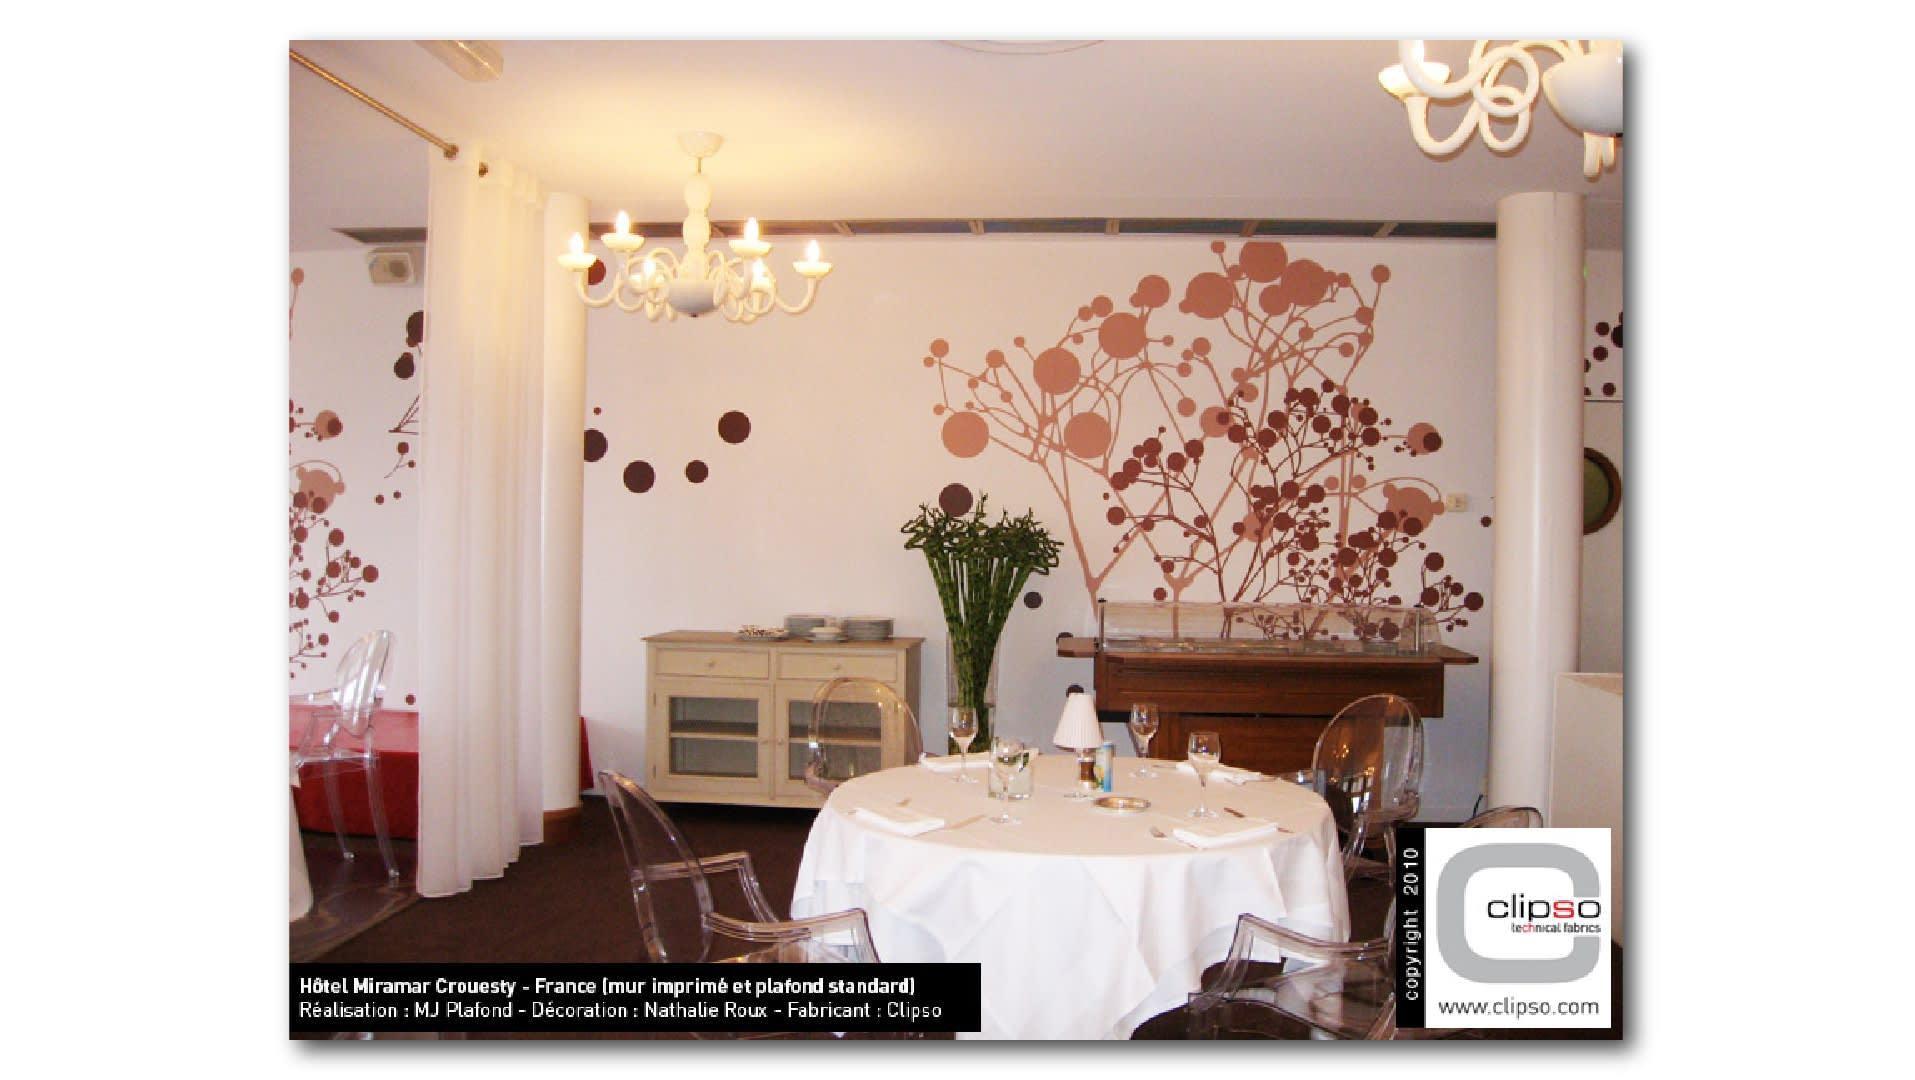 hotel-miramar-crouesty-nach-umbau-clipso-print-01_ywlk3g